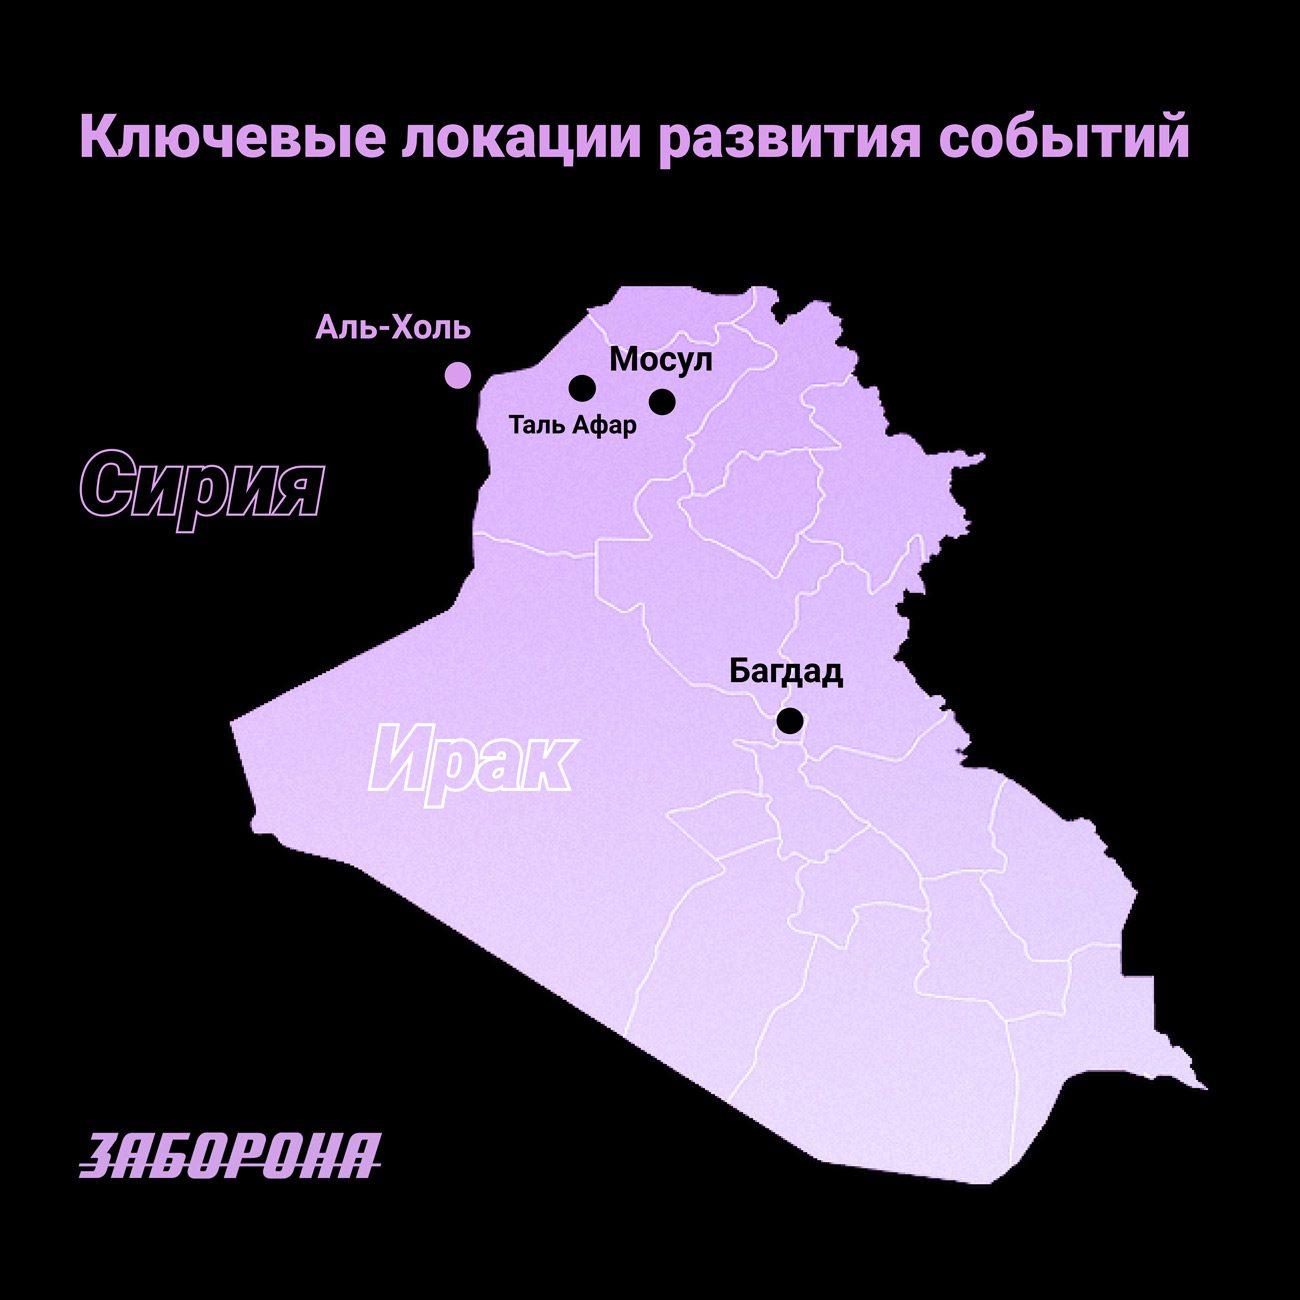 infografic 01 - <b>Хадиджа и ее мальчики.</b> Каково это - искать семью, пропавшую в «Исламском государстве» - Заборона